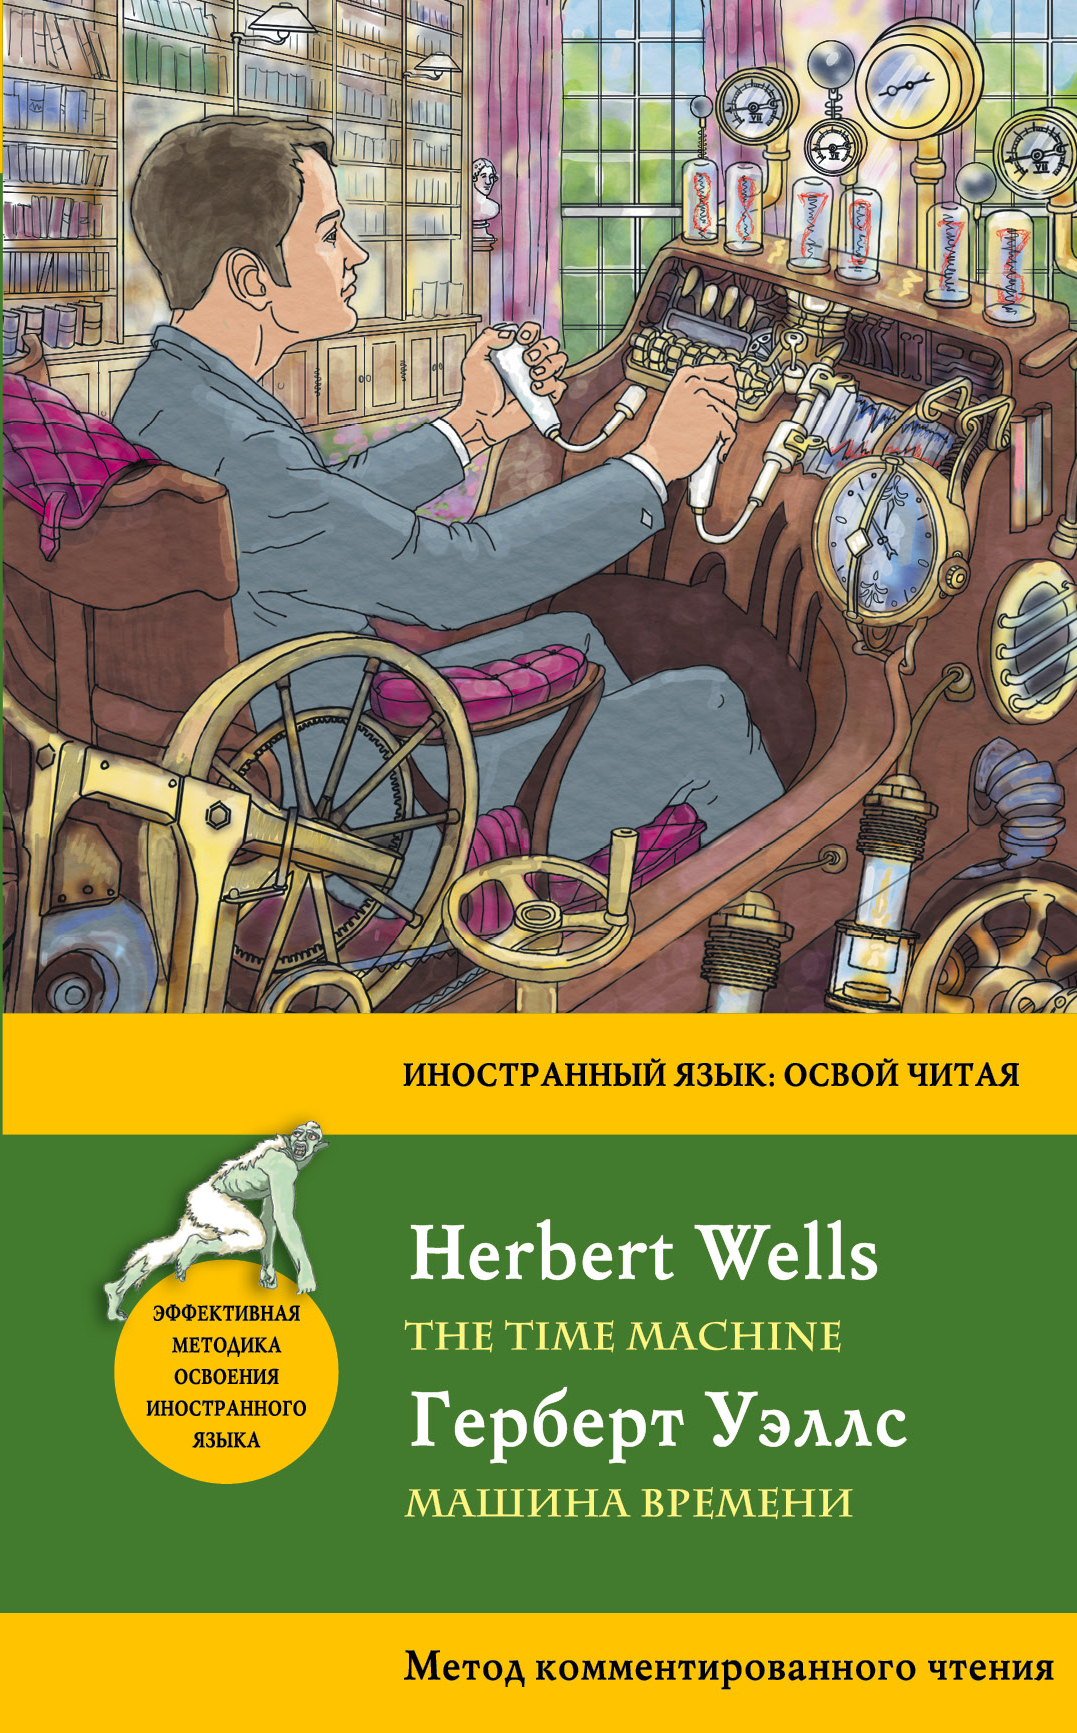 Герберт Уэллс Машина времени / The Time Machine. Метод комментированного чтения герберт уэллс машина времени the time machine метод комментированного чтения